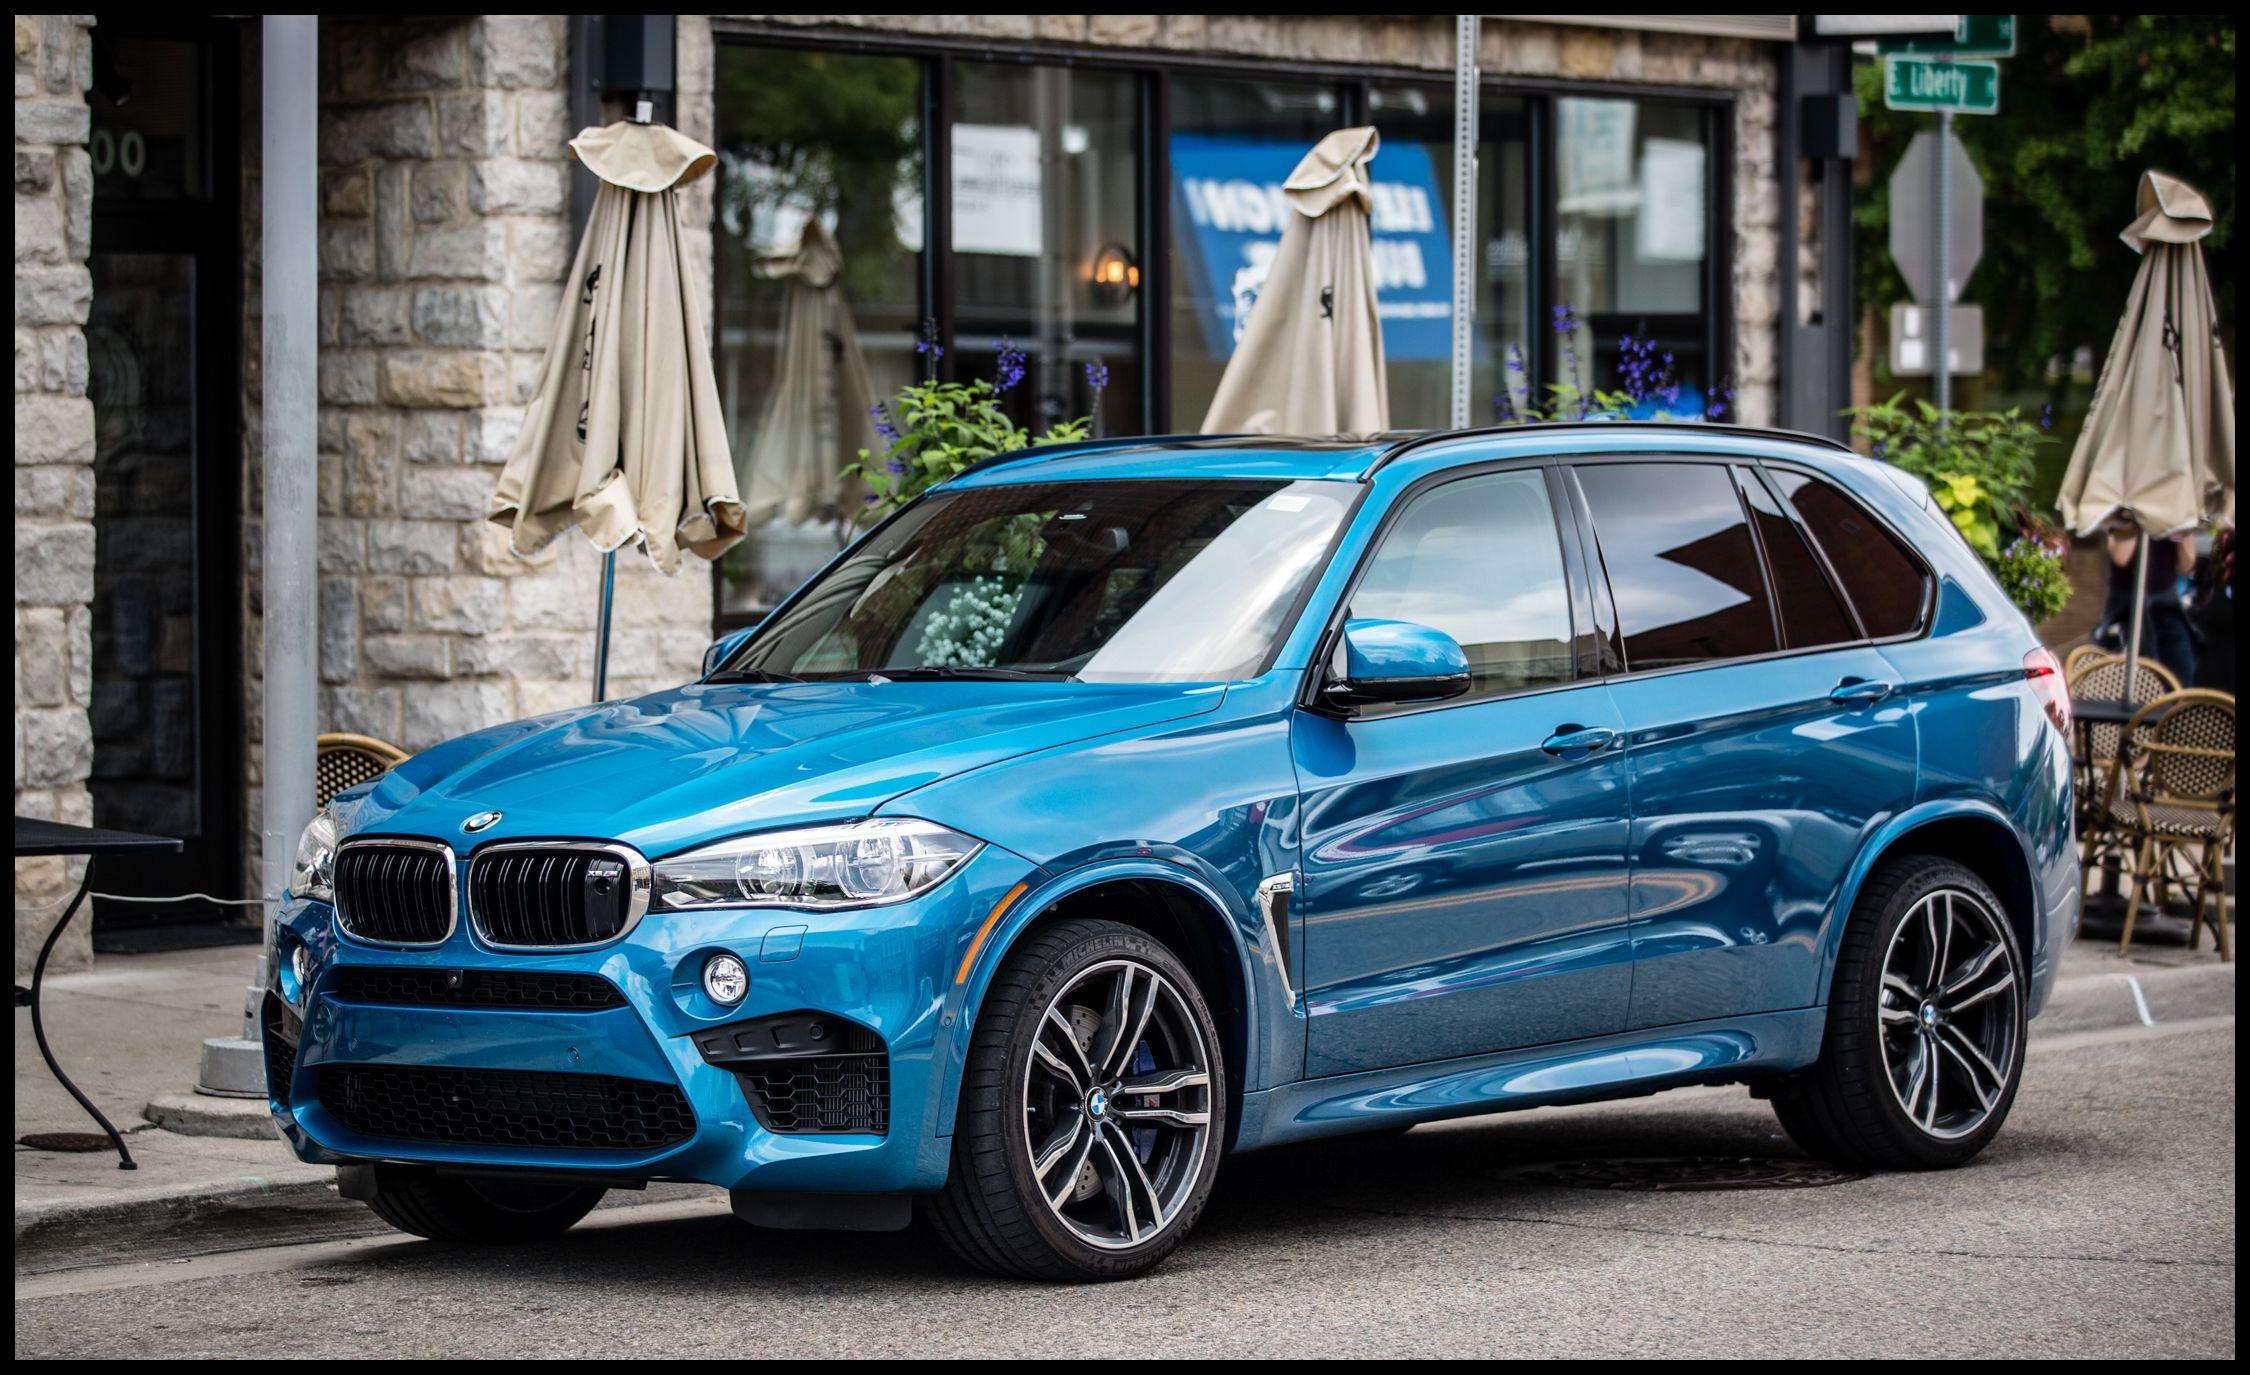 2010 Bmw X5m for Sale Luxury Bmw X5 M Reviews Bmw X5 M Price S and